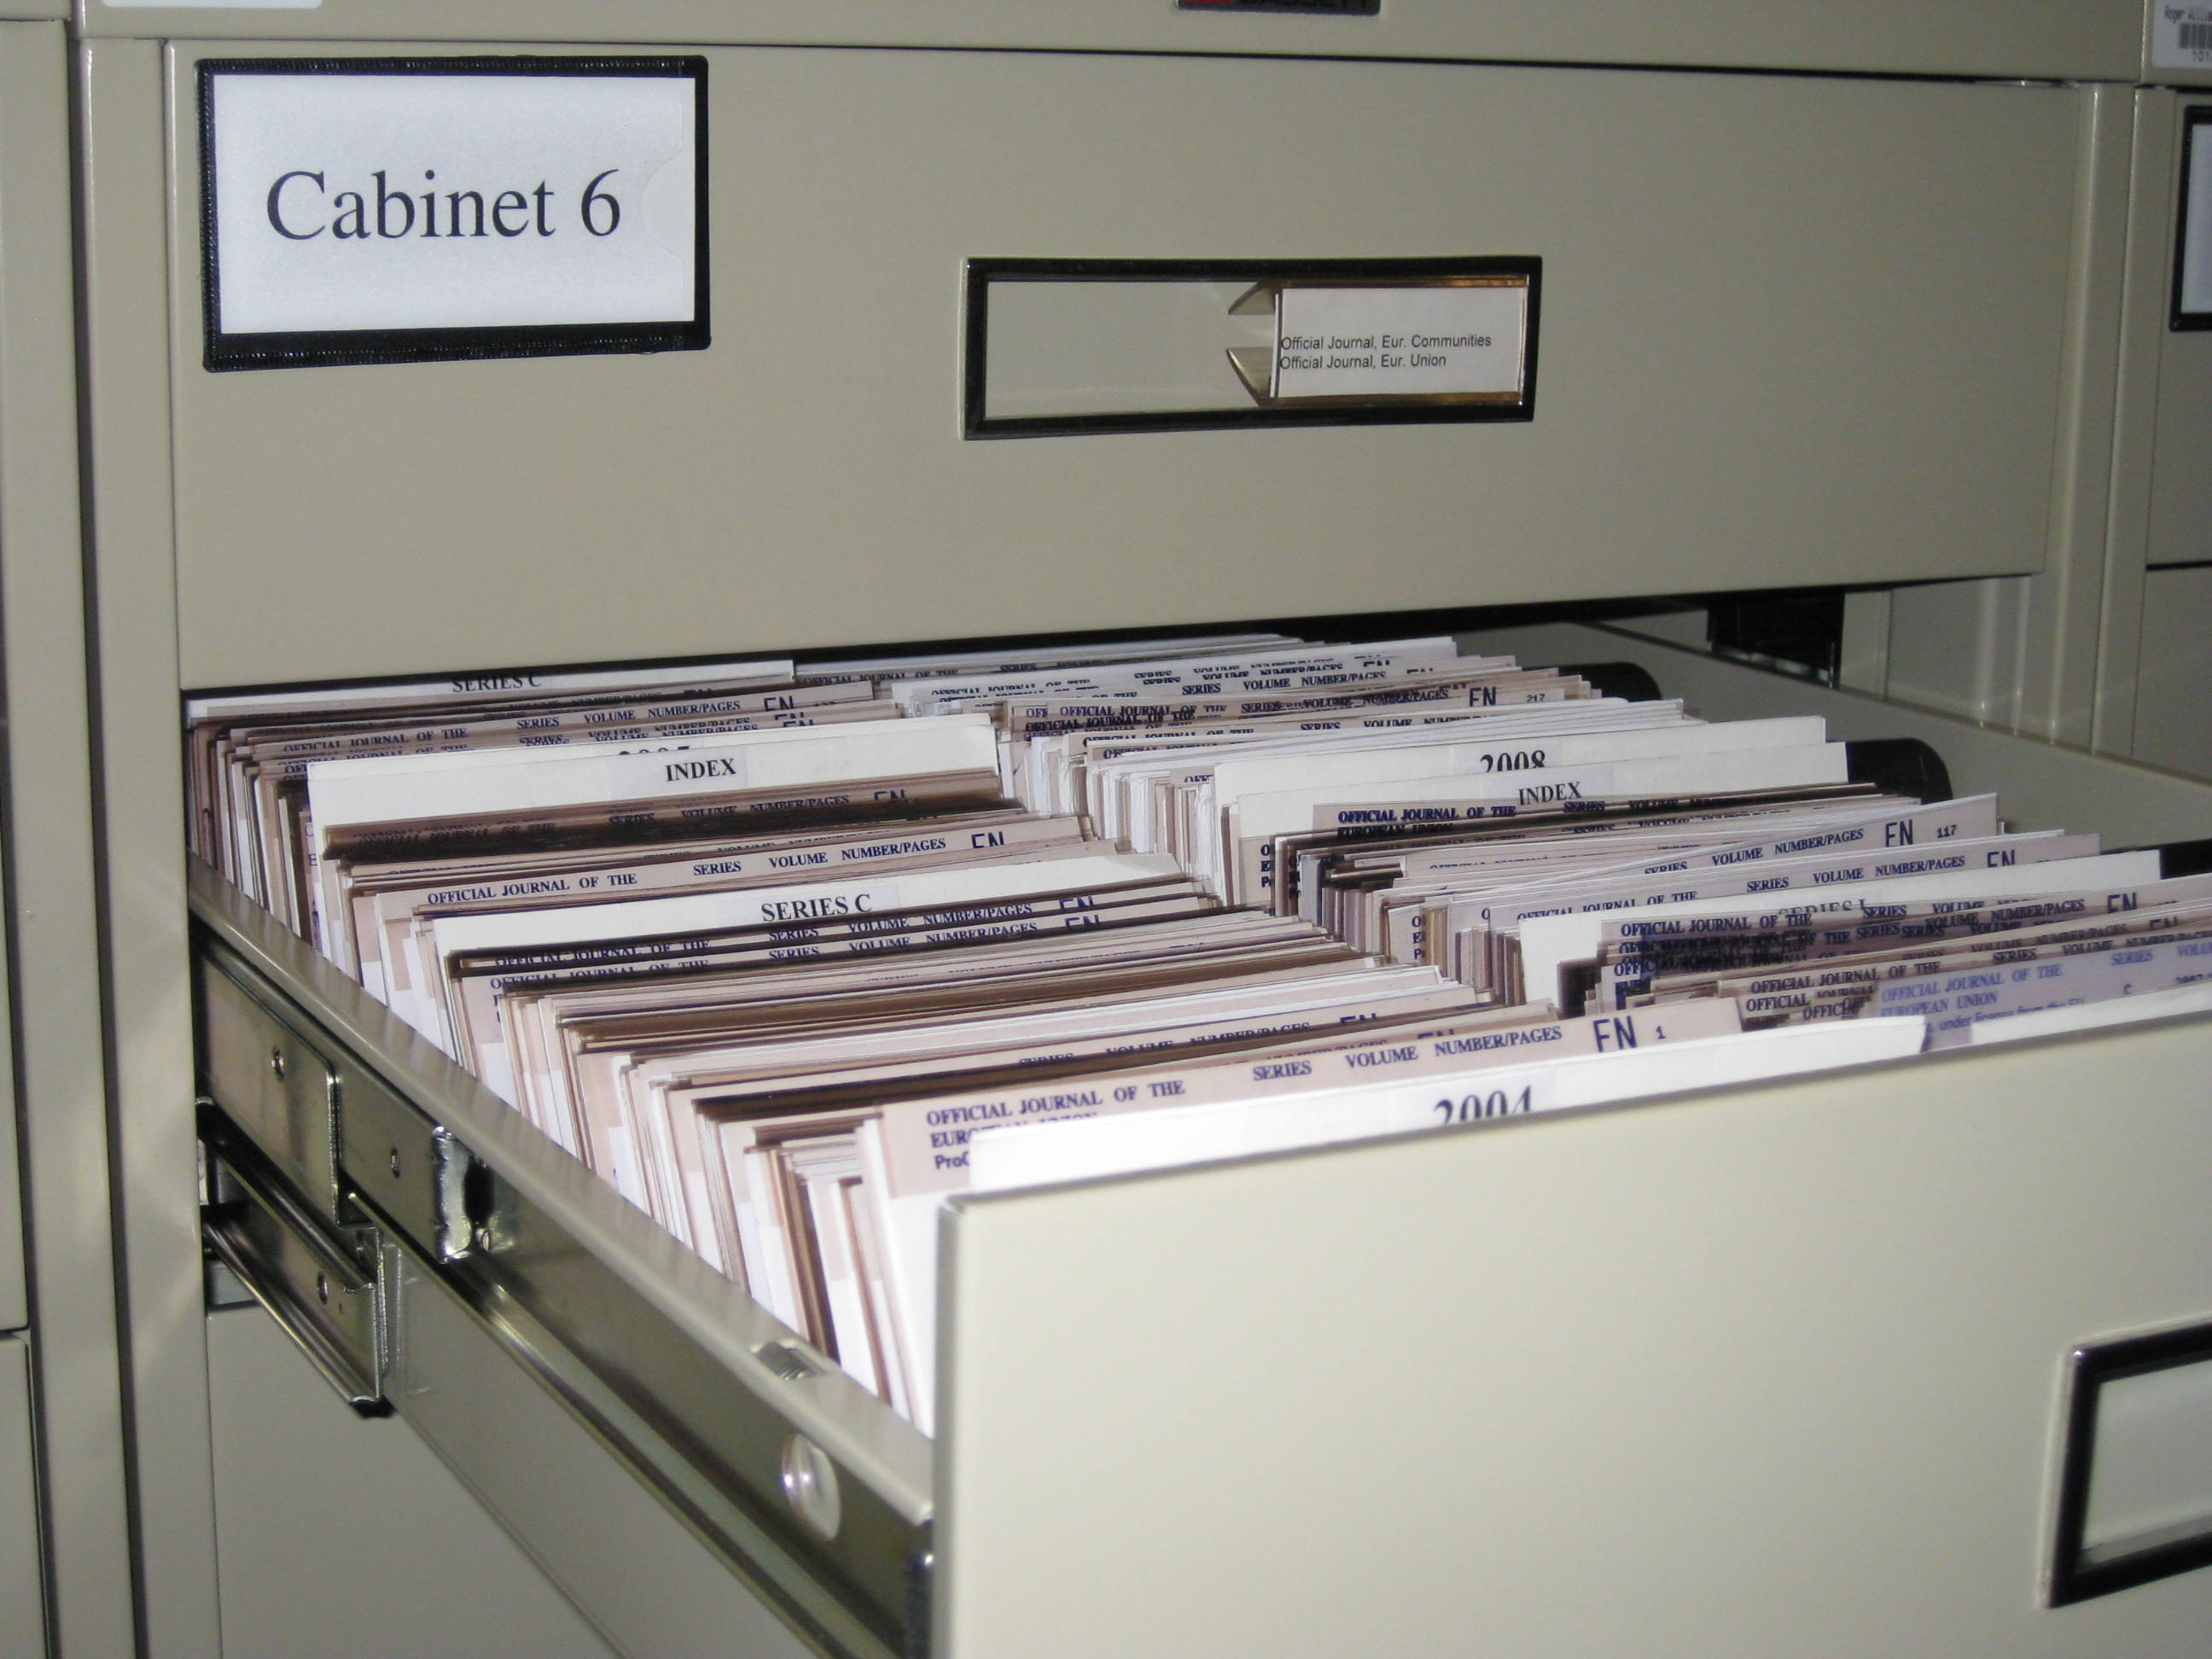 Microfiche Drawer